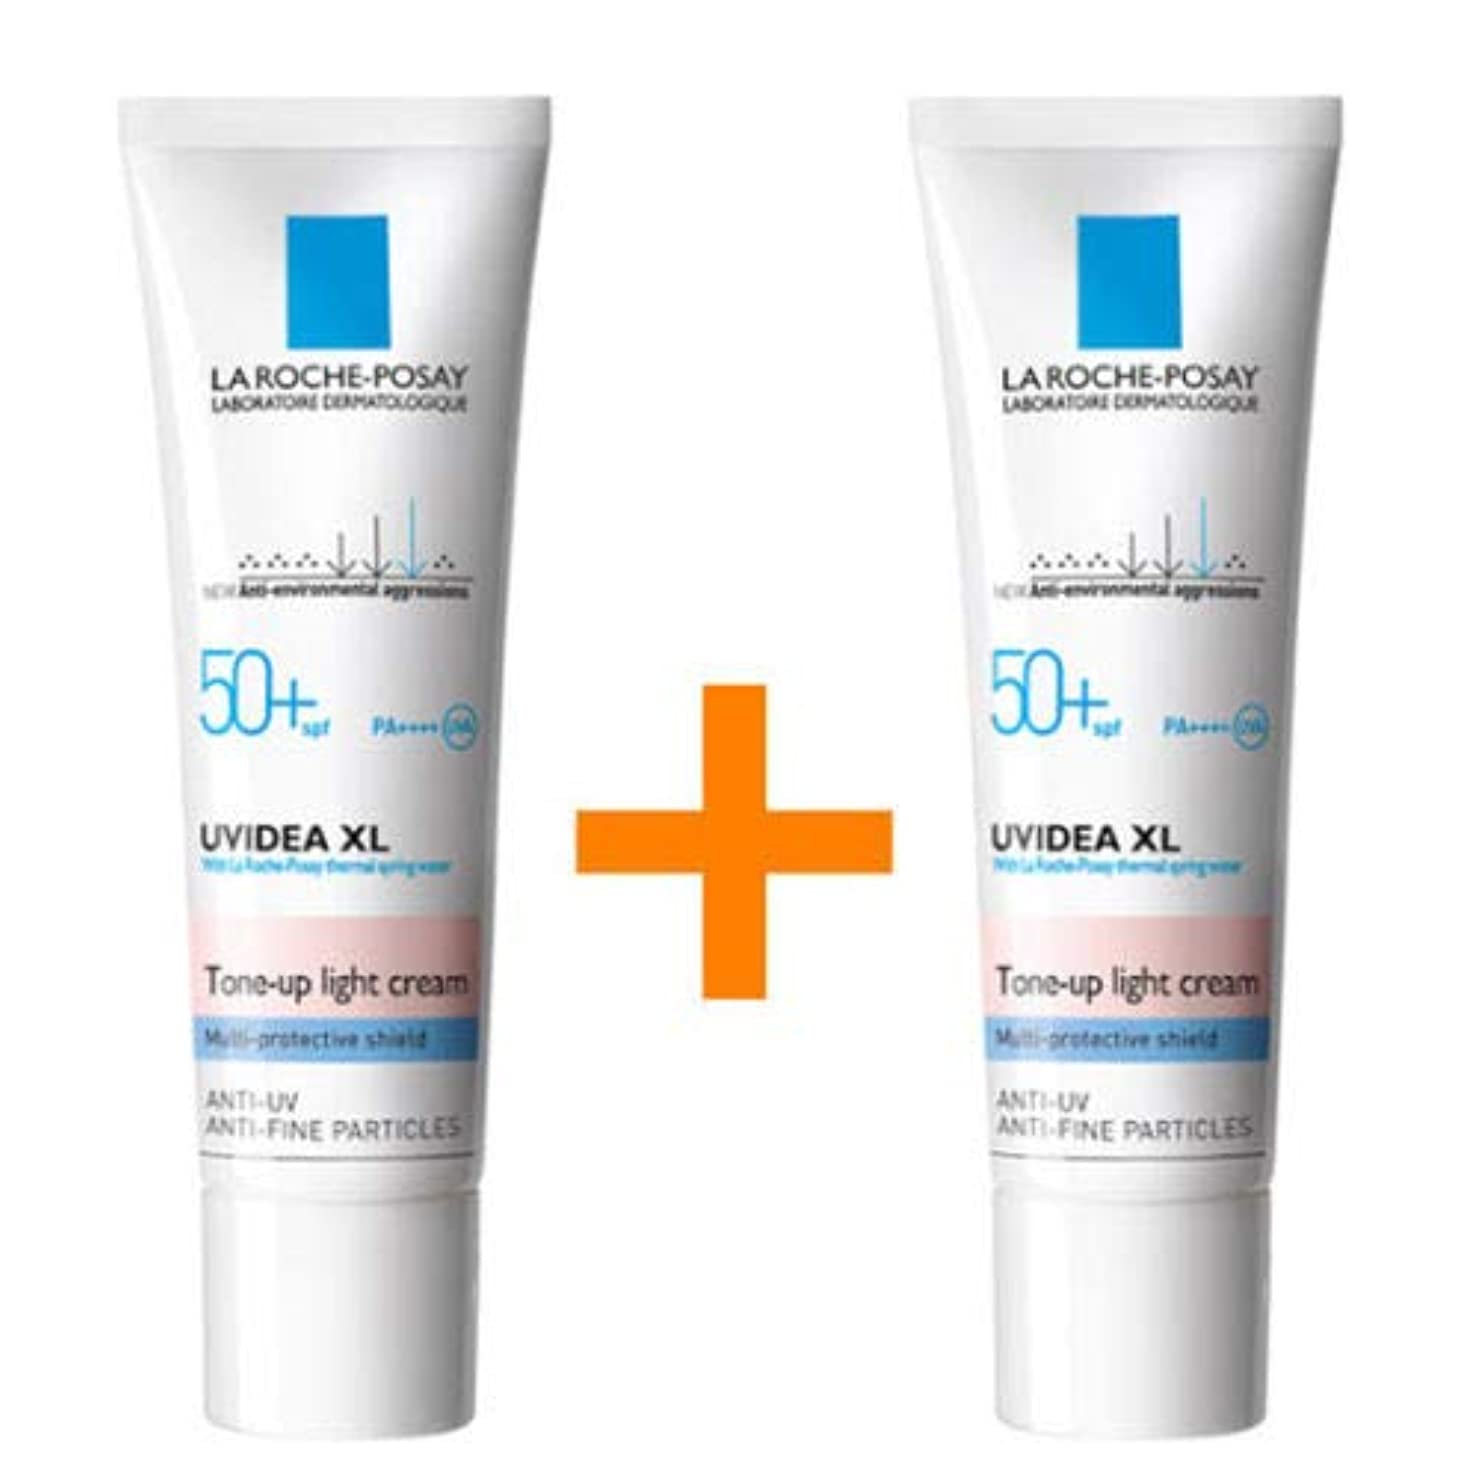 海峡ひも必要としているメイト[1+1] La Roche-Posay ラロッシュポゼ UVイデア XL プロテクショントーンアップ Uvidea XL Tone-up Light Cream (30ml)